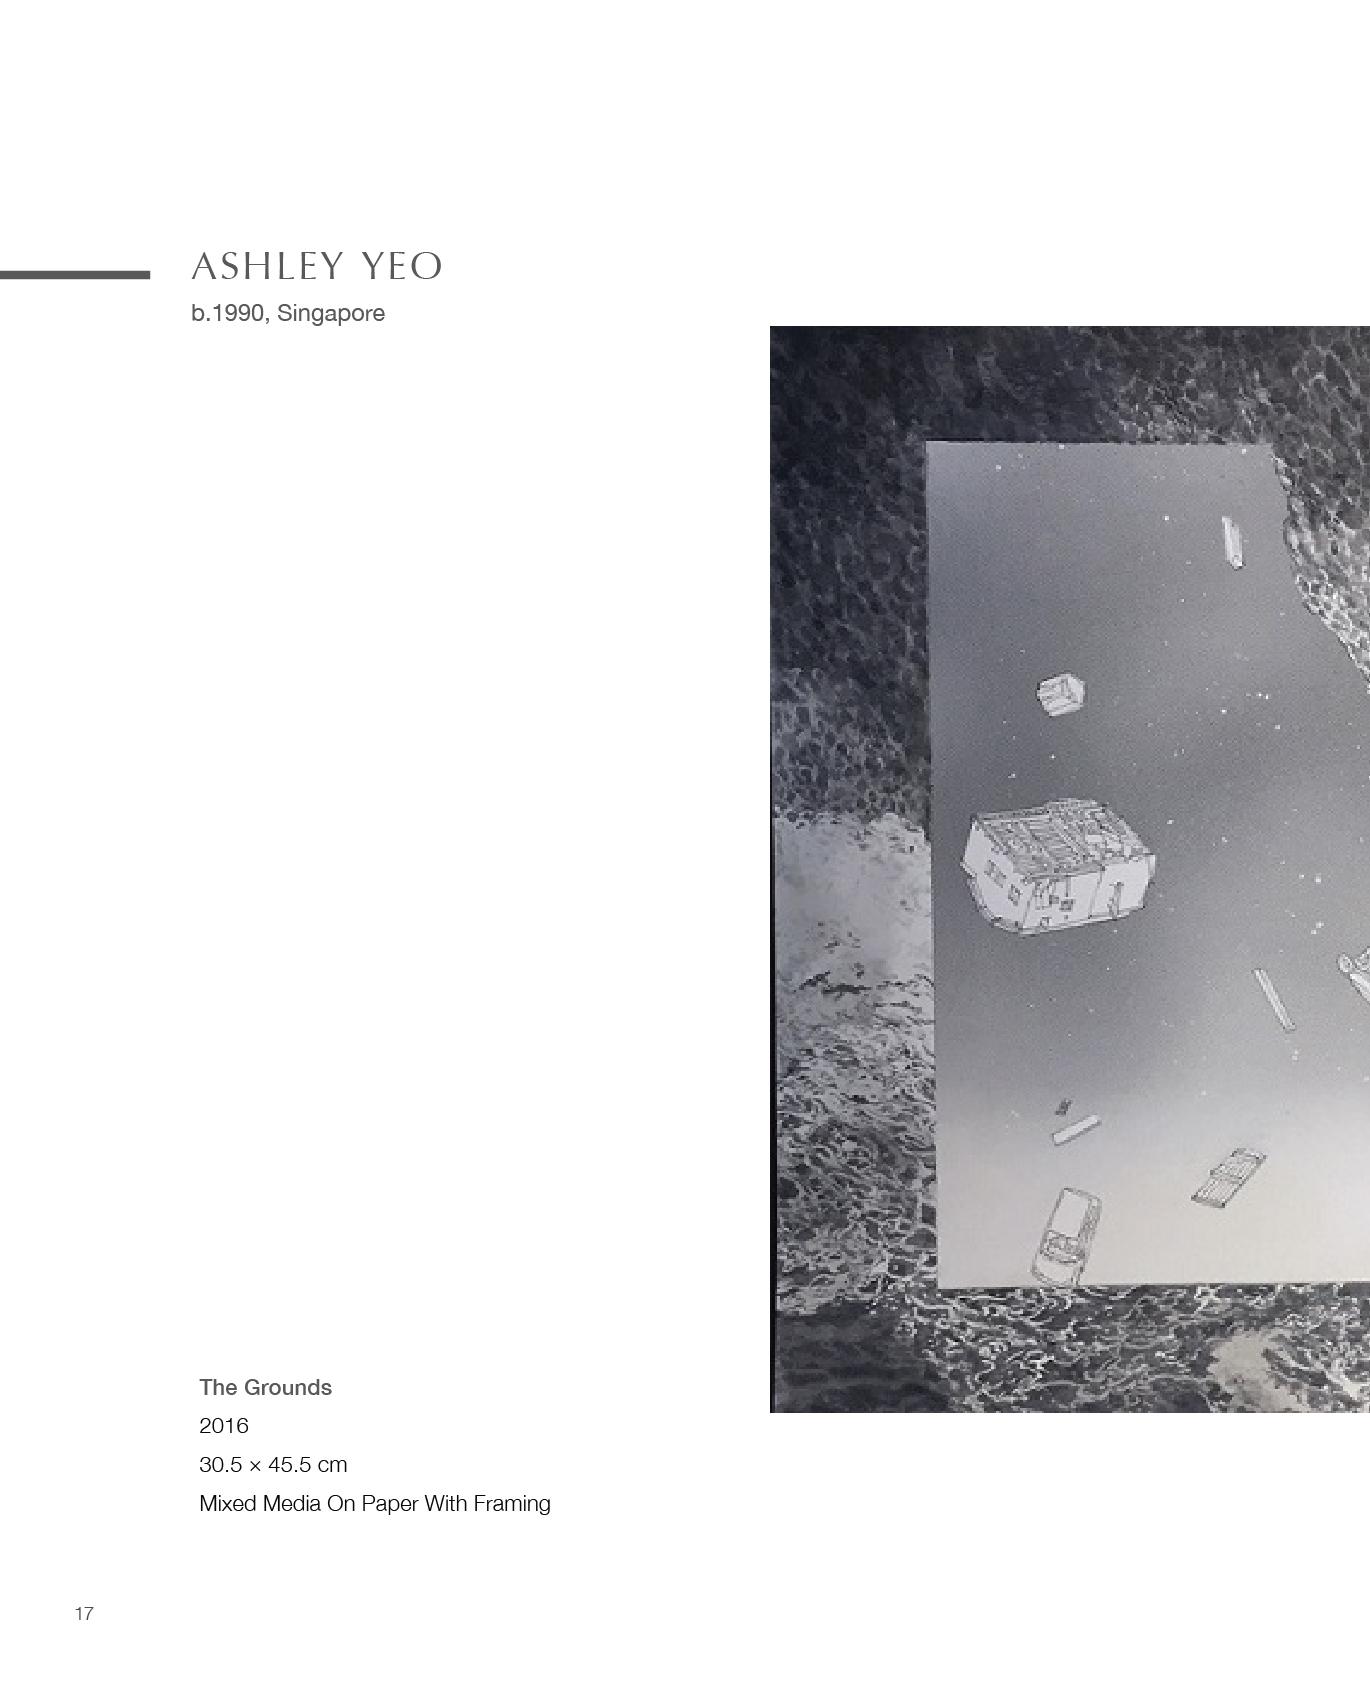 ashley-yeo